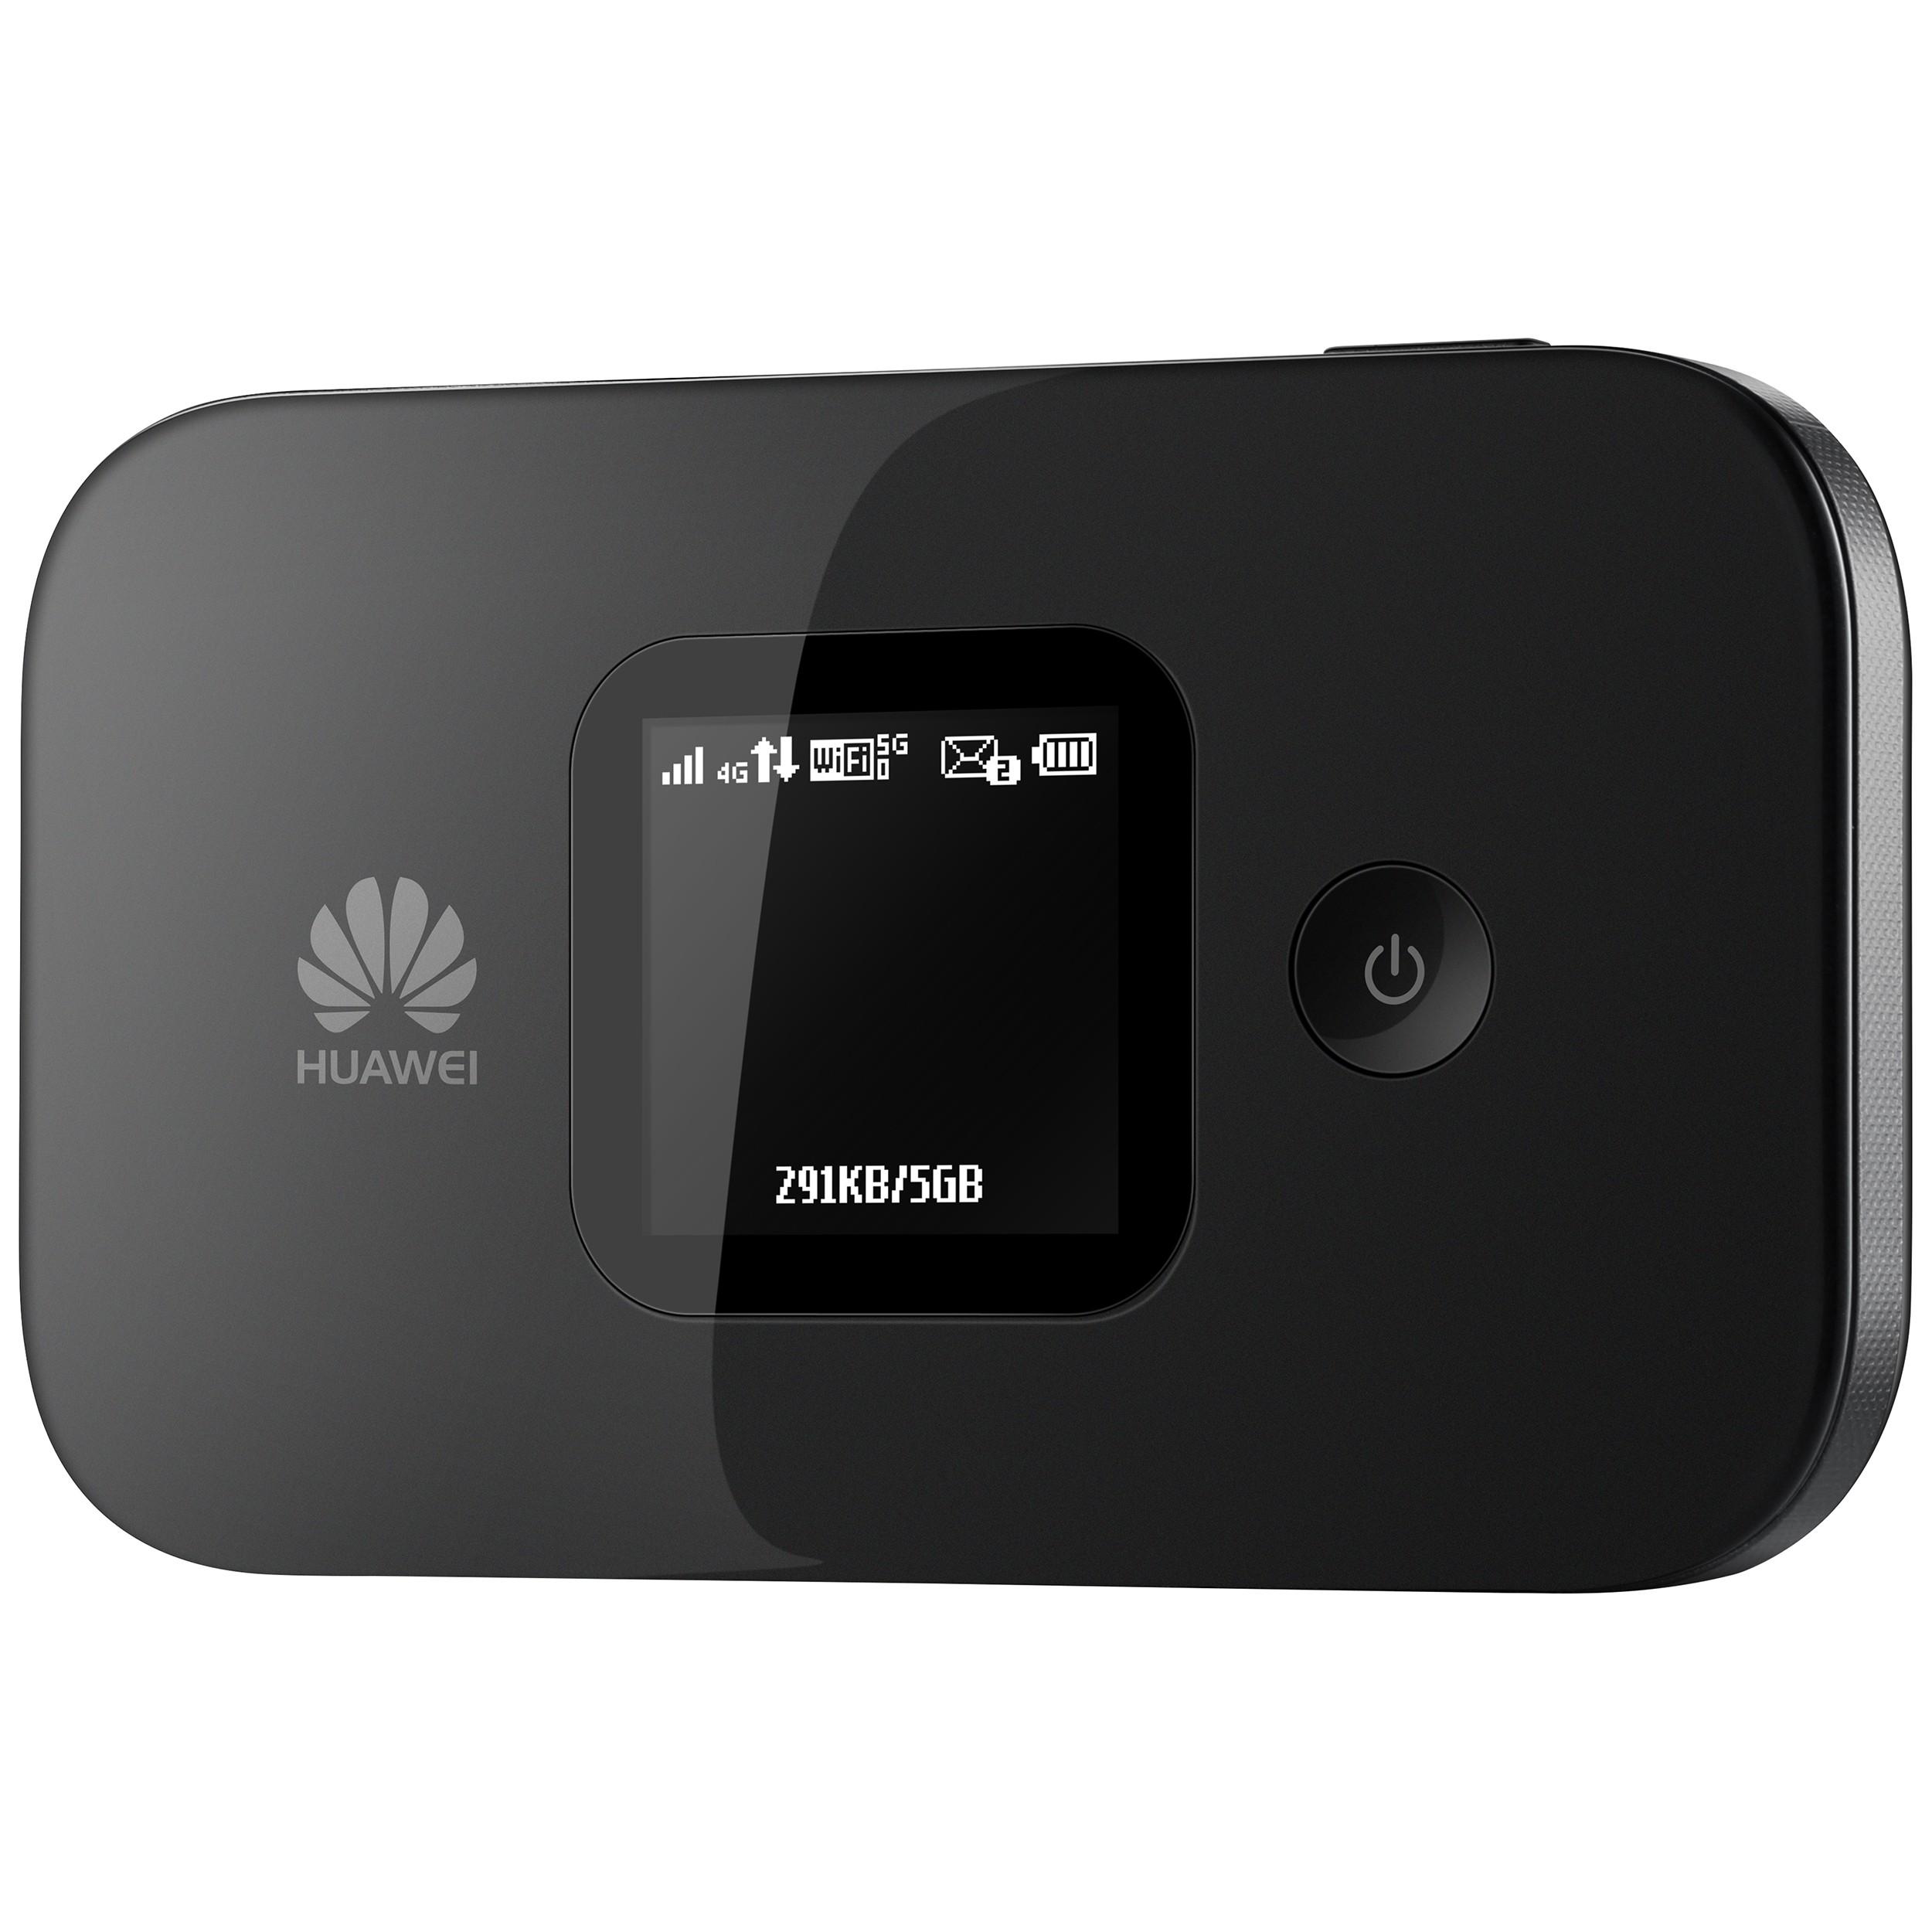 51071QGF : Huawei E5577s-321 mobil WiFi-hotspot